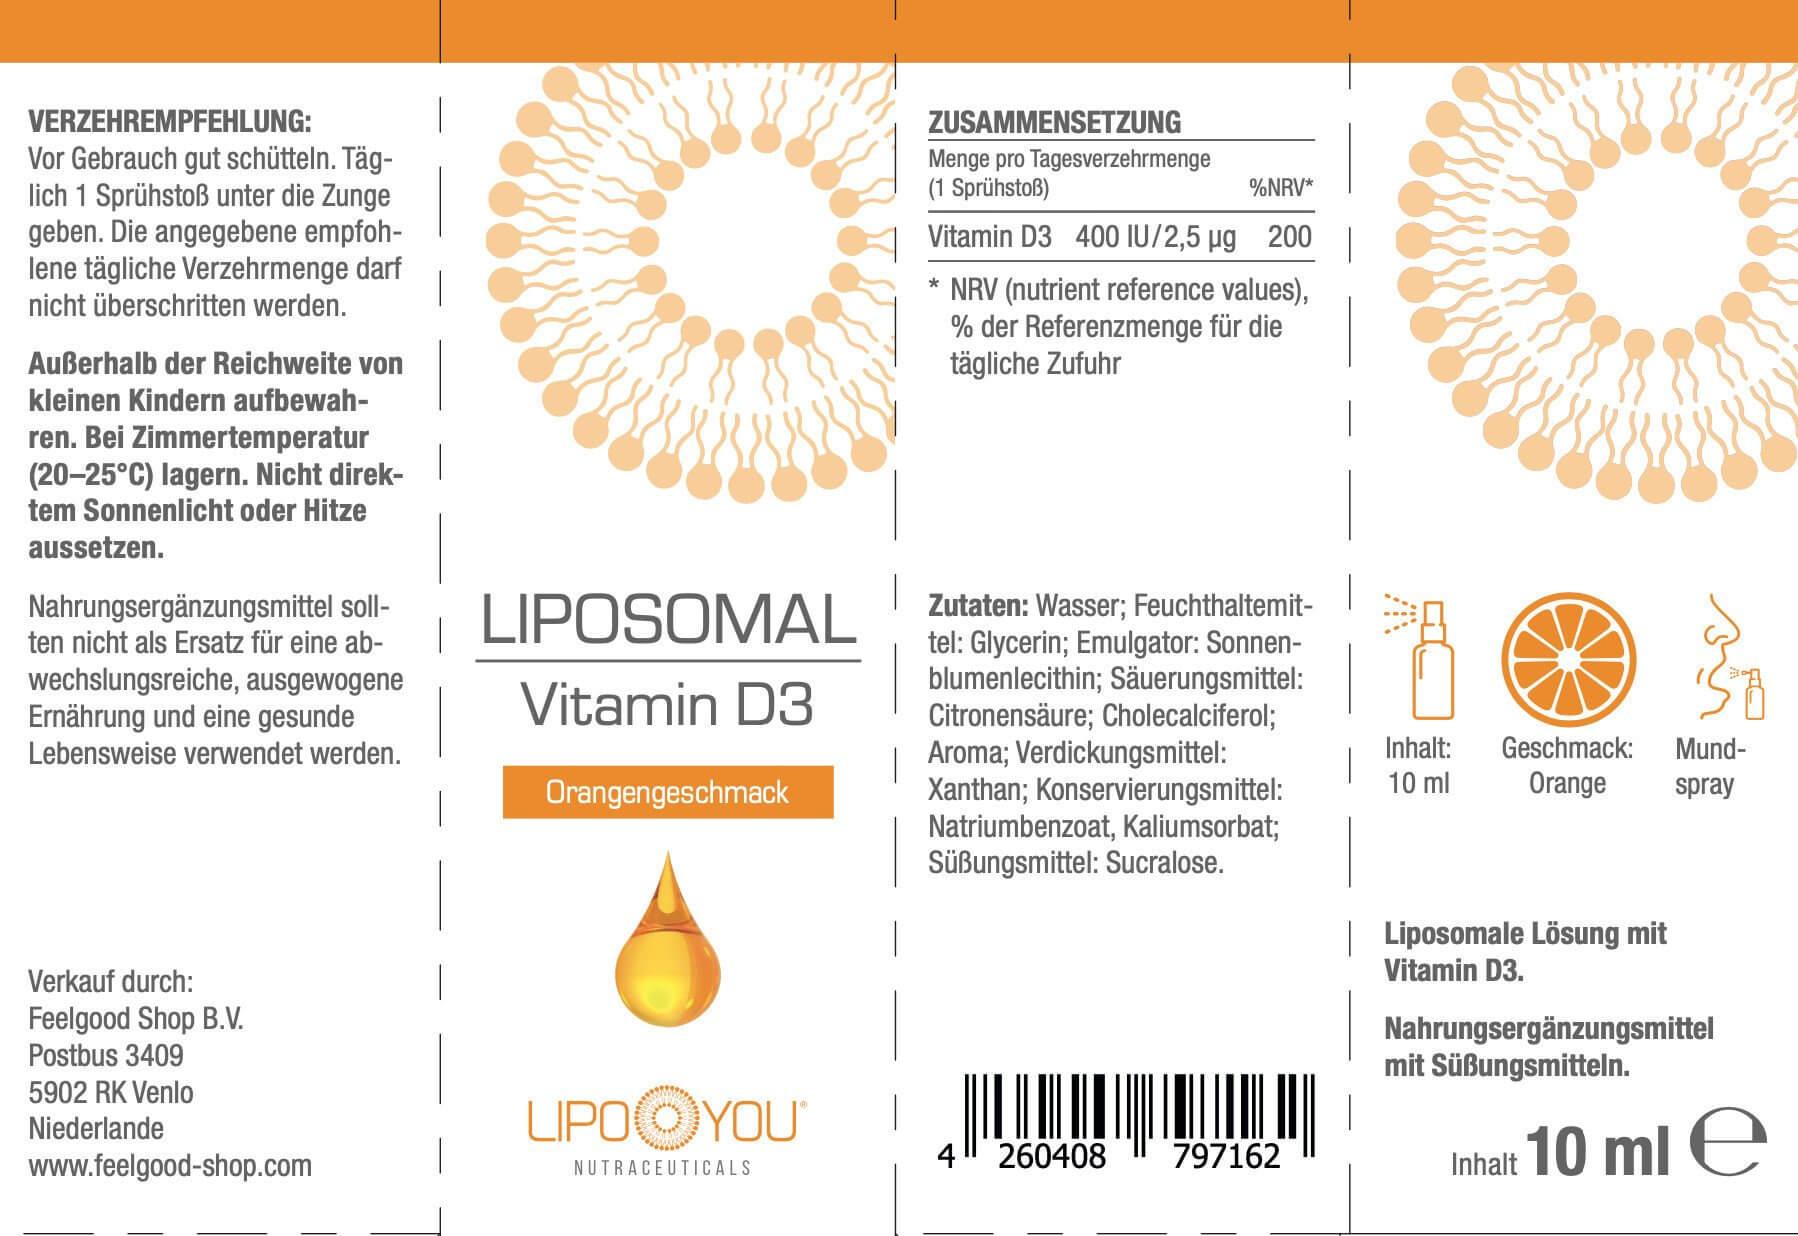 LIPOSOMAL VITAMIN-D3-Spray